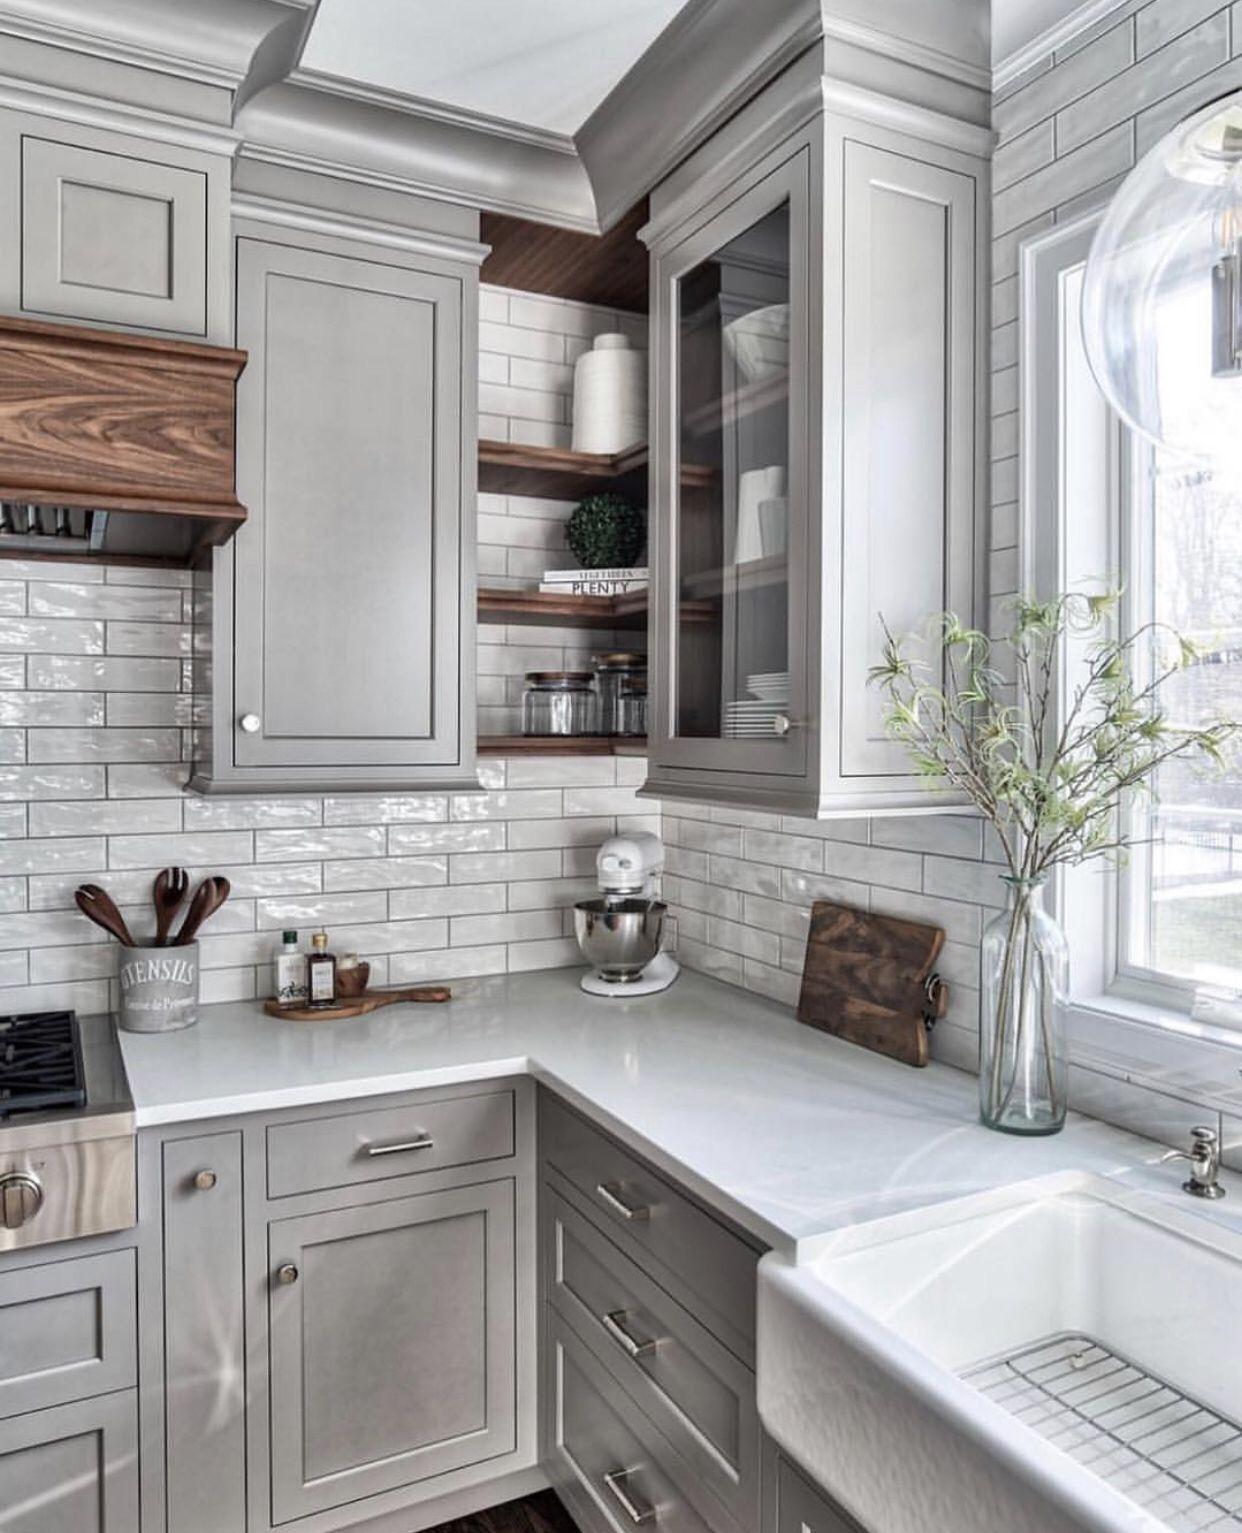 Rustic Grey Kitchen Kitchen Cabinet Design Grey Kitchen Designs Home Kitchens